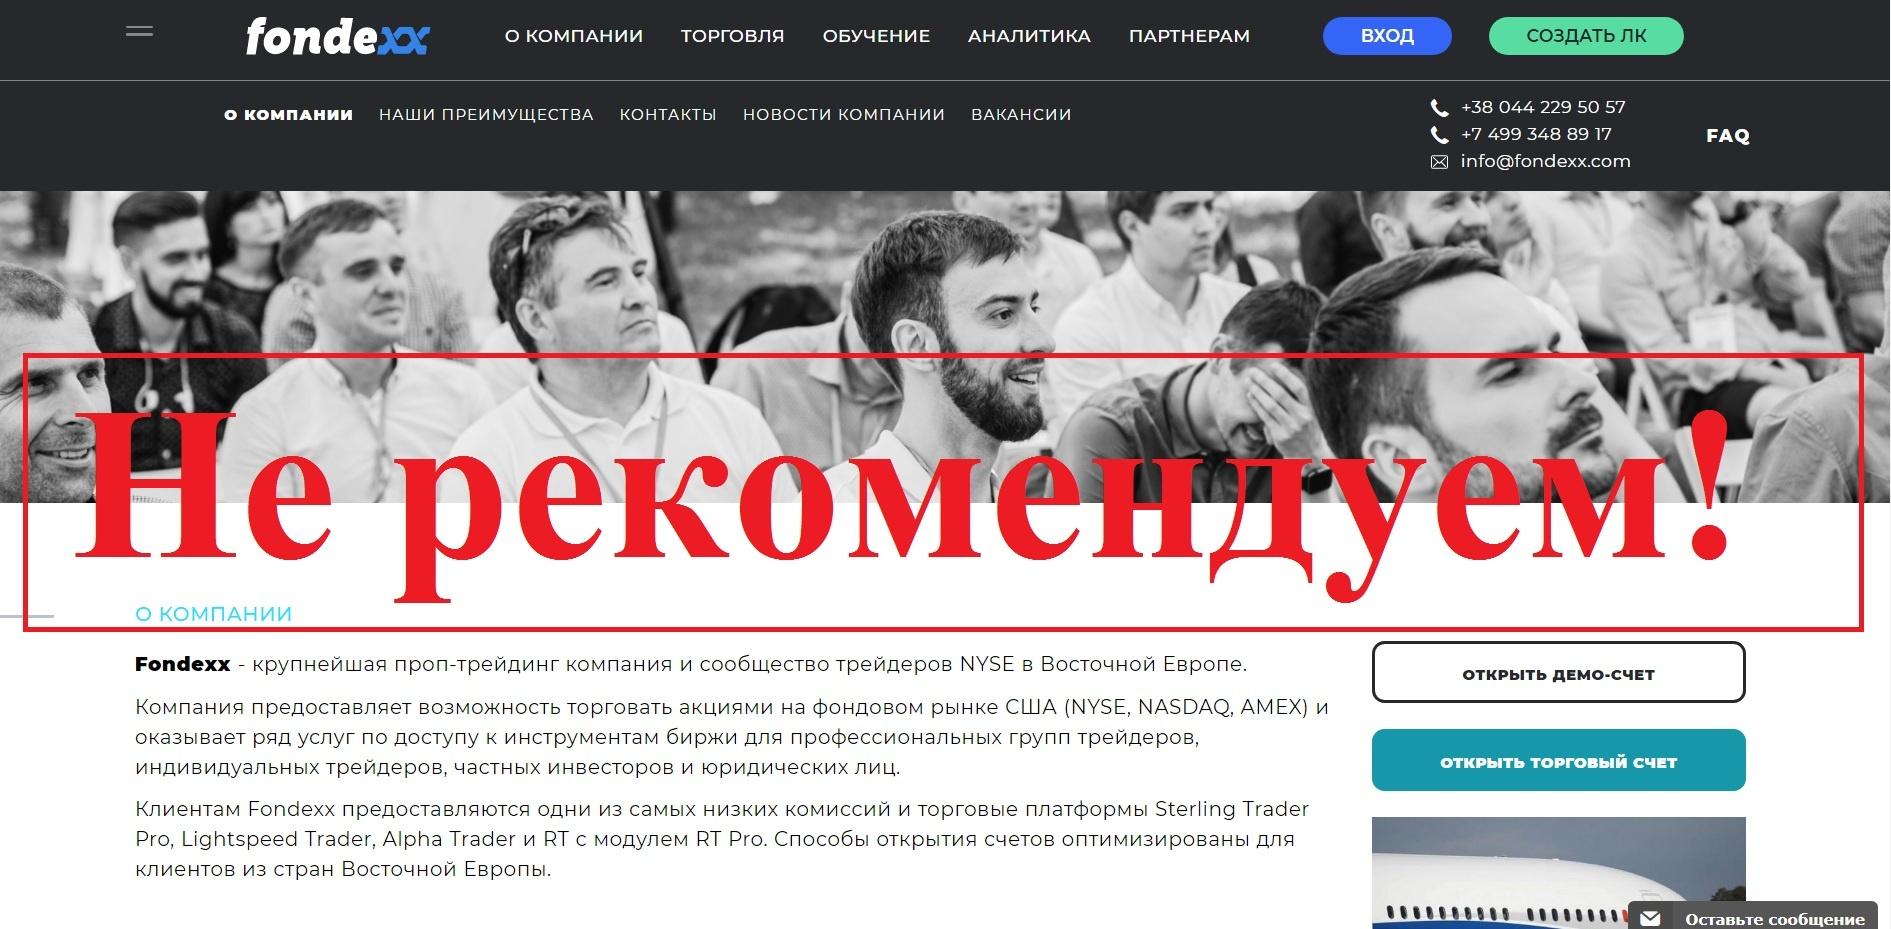 Fondexx.com – реальные отзывы о брокере fondexx.com